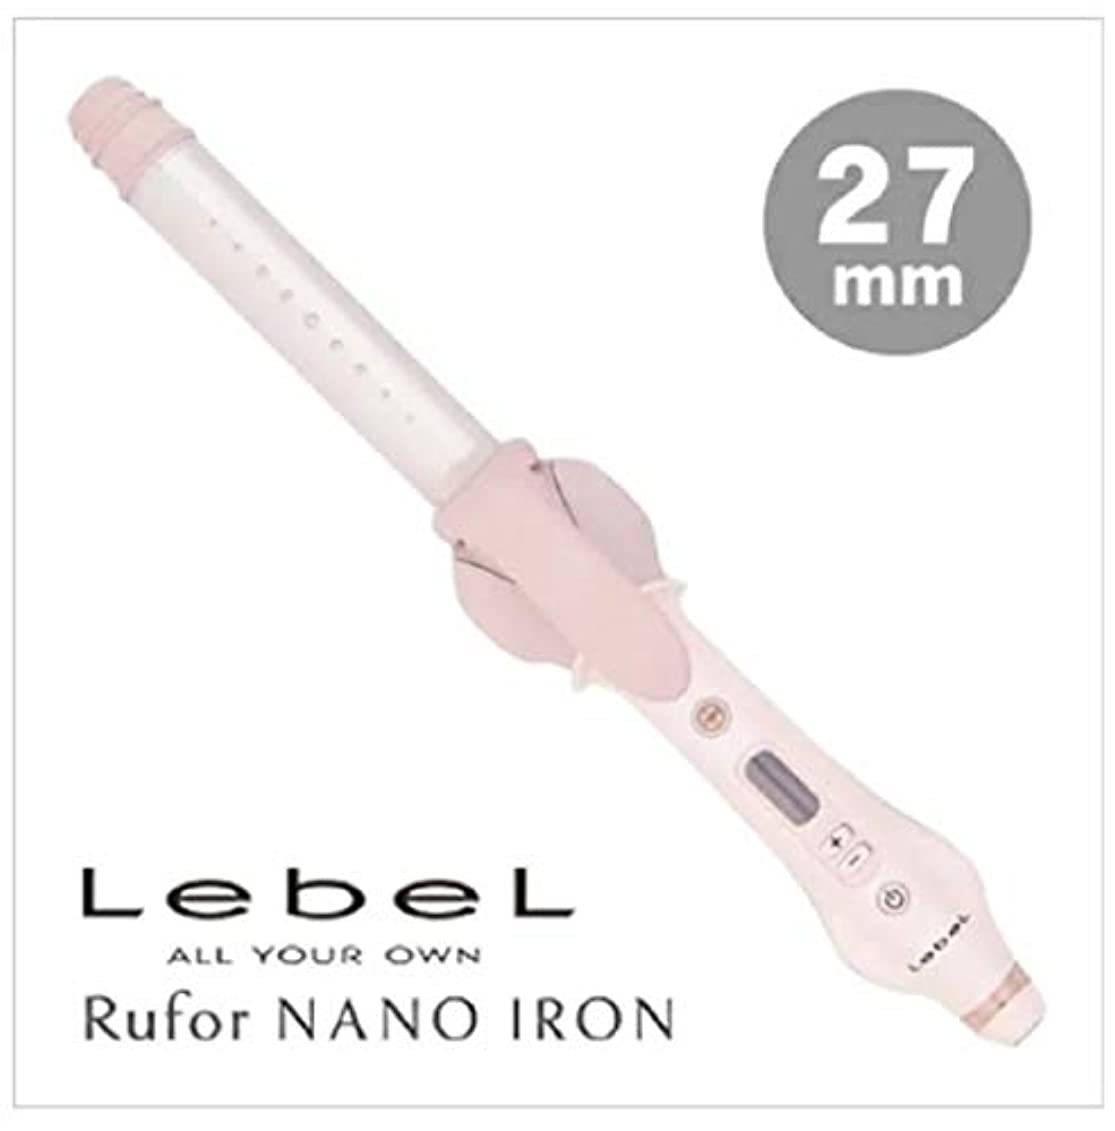 優先チケットその他ルベル ルフォール ナノアイロン (27mm)